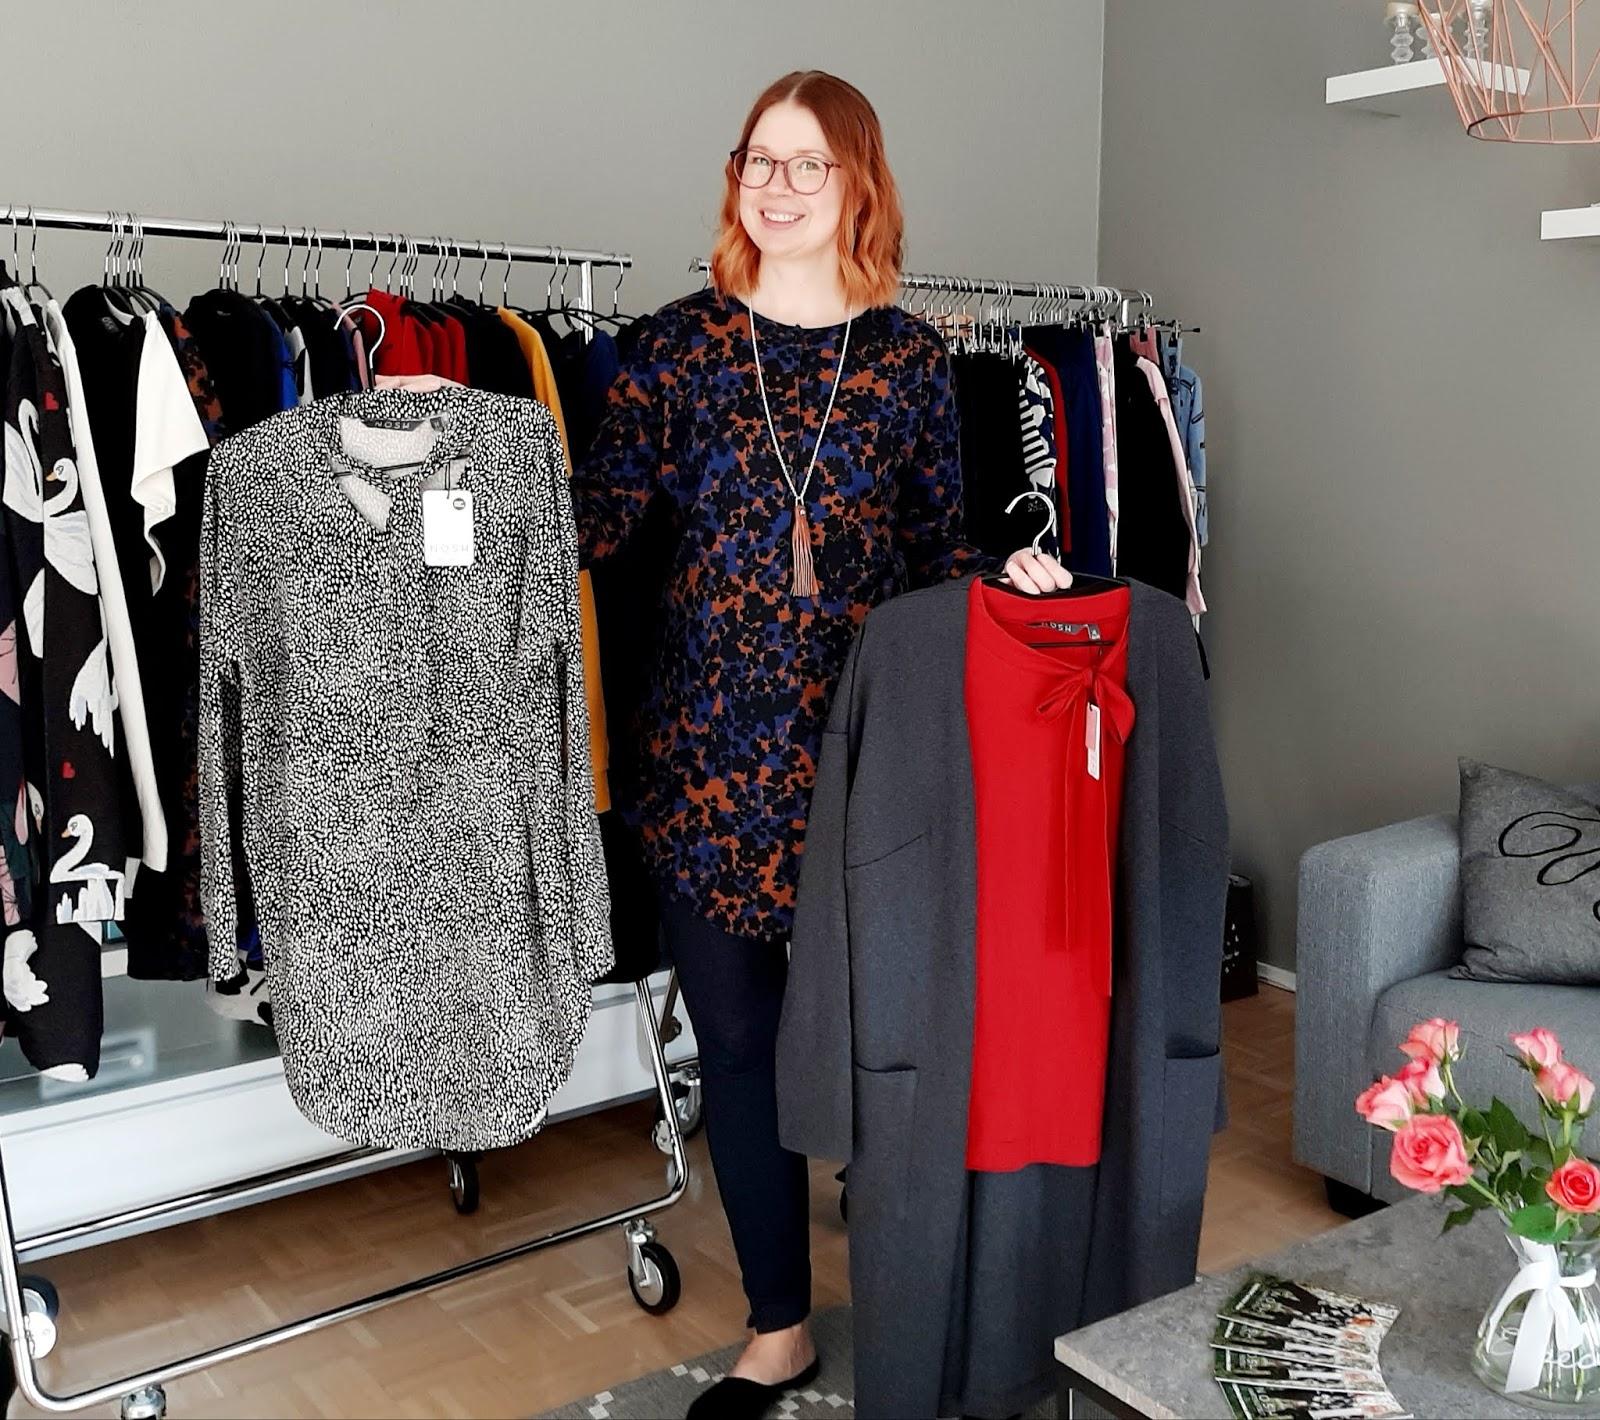 Kiinnostaako kotikutsubisnes? – Näin paljon vaatteita myyvä tienaa